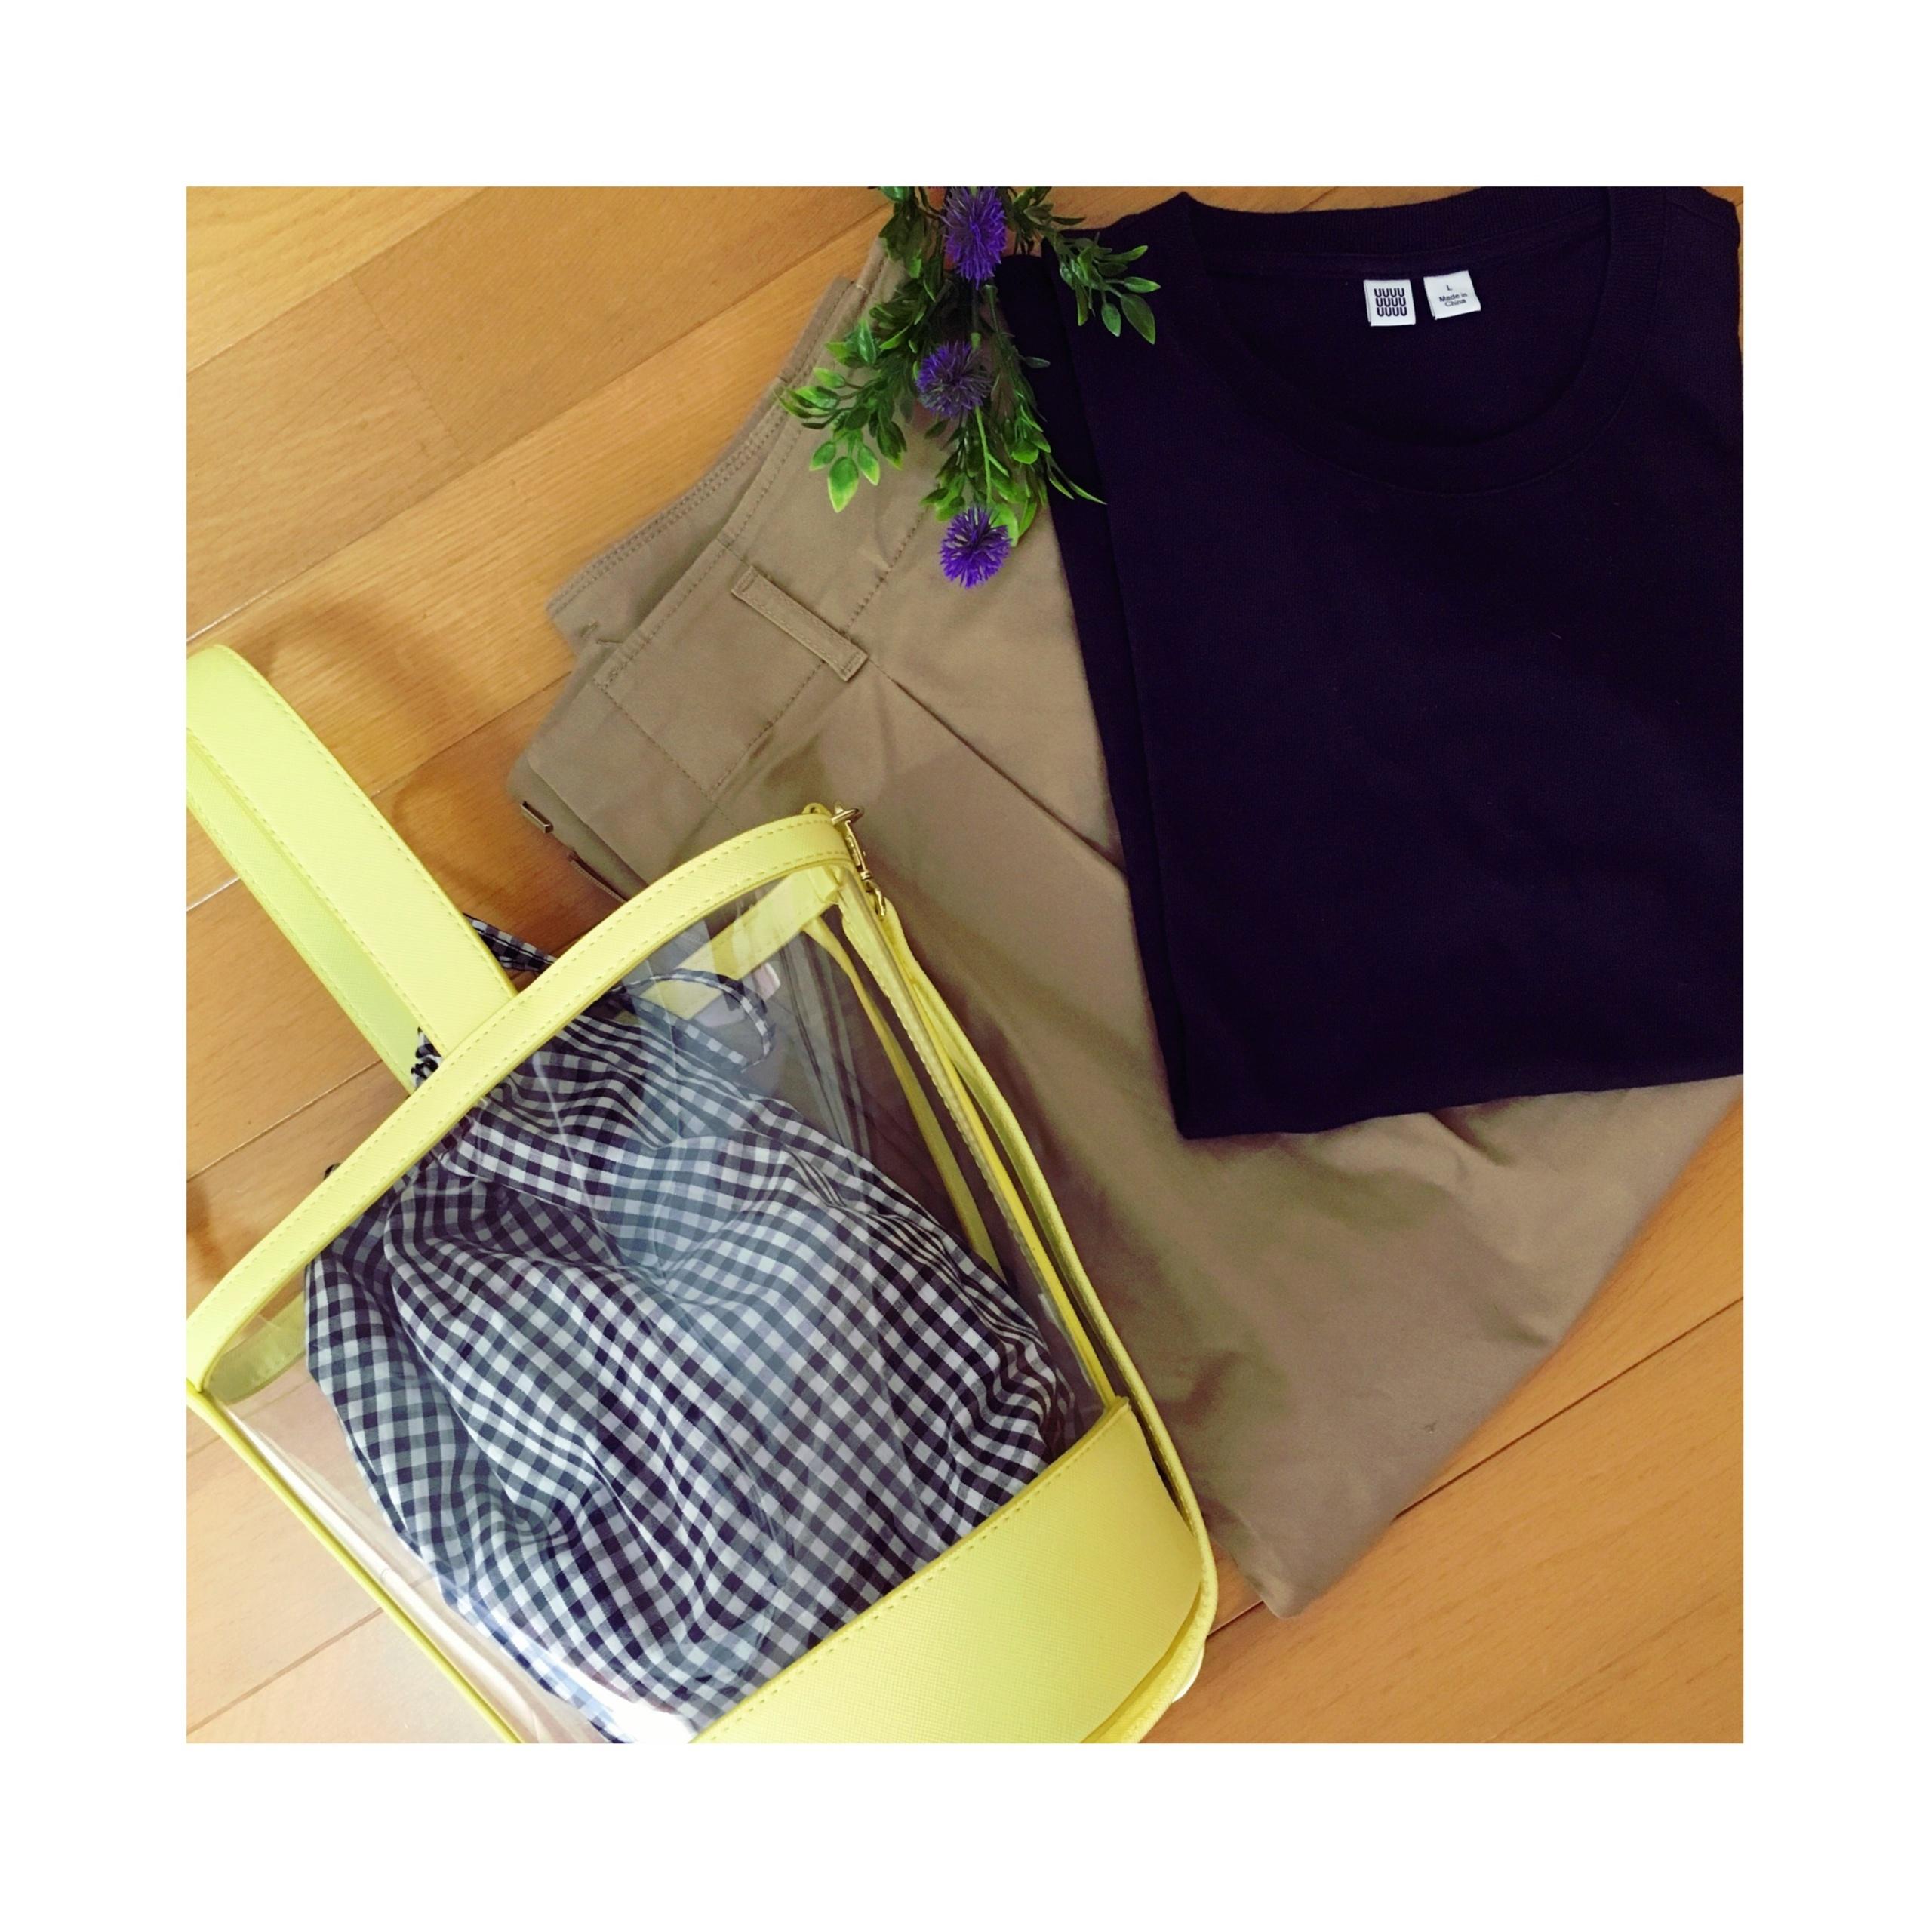 何枚でも欲しい定番カラーはイロチ買いもおすすめ★《買ってよかった!》【Uniqlo U】のベーシックTシャツ¥1,000+税 が今年も大活躍しそうです❤️_3